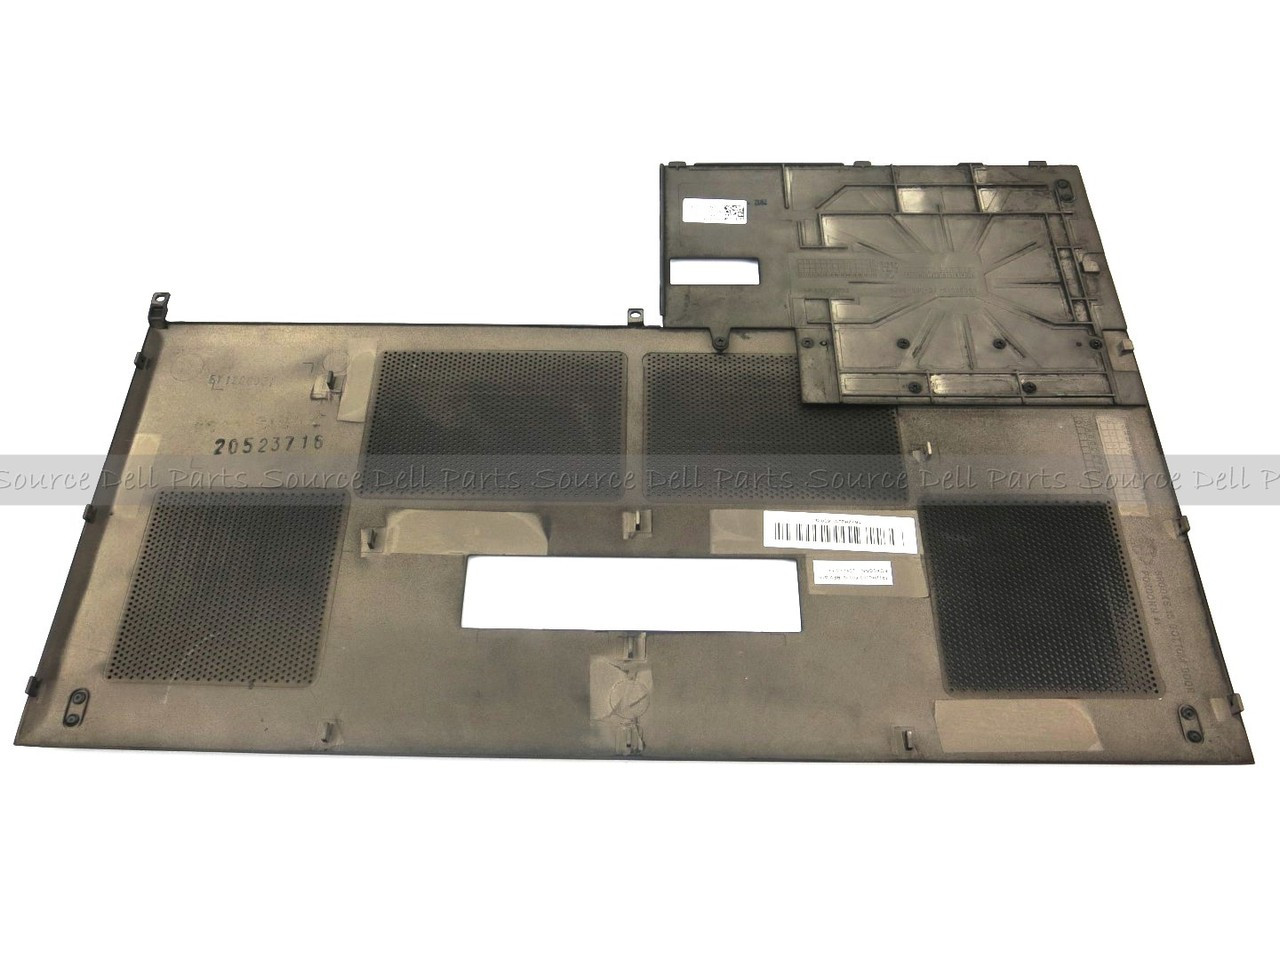 Dell Precision M4600 Bottom Access Panel Door Cover - H62FX (B)